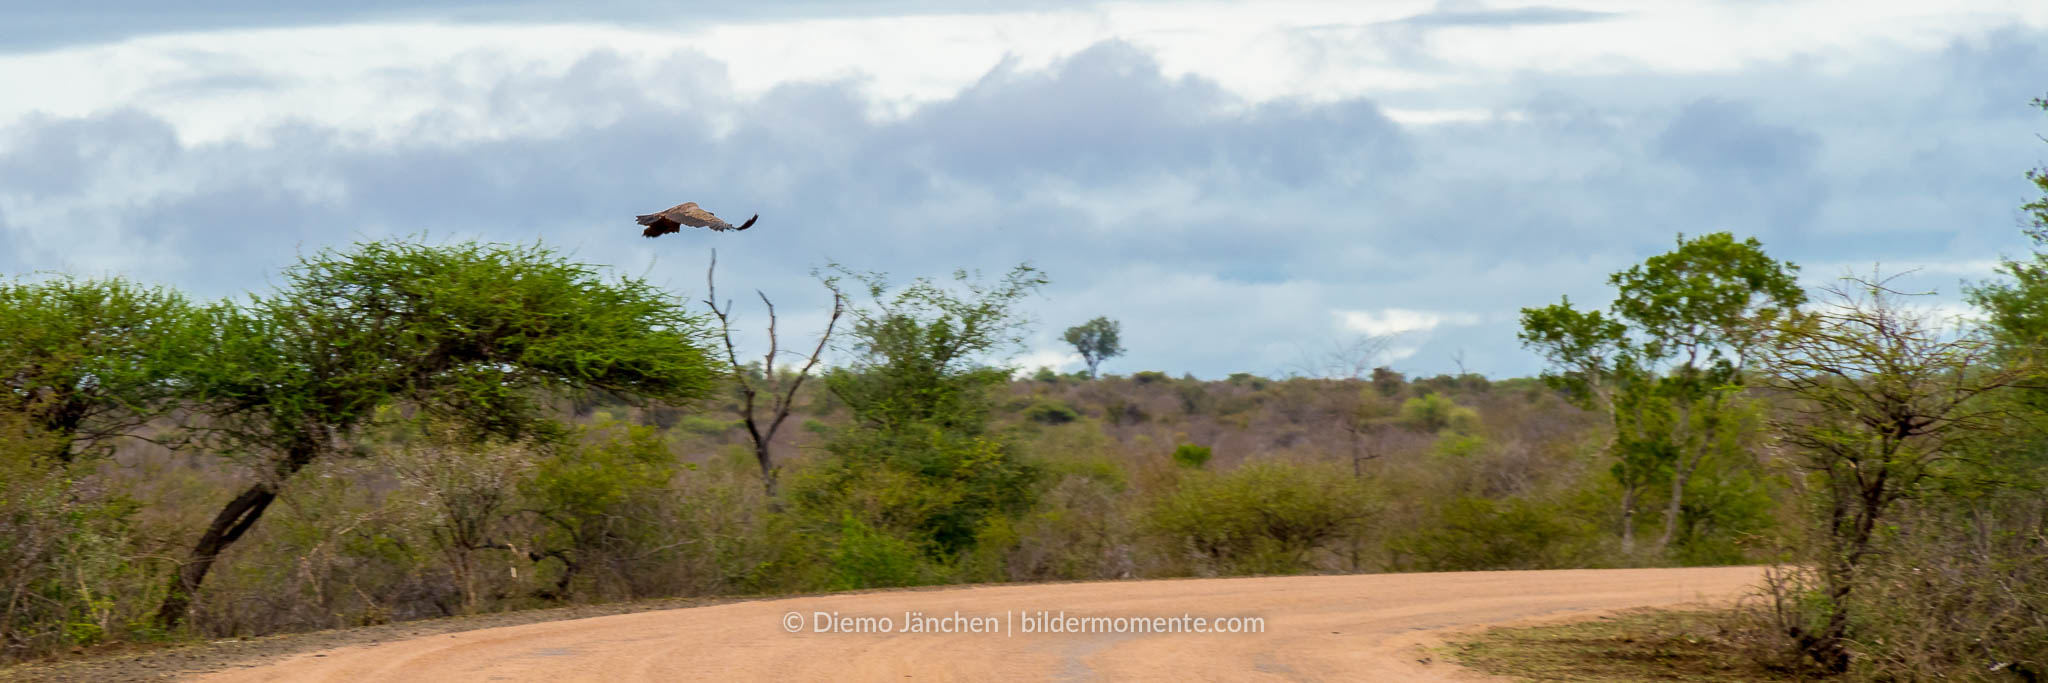 Weißrückengeier im Flug